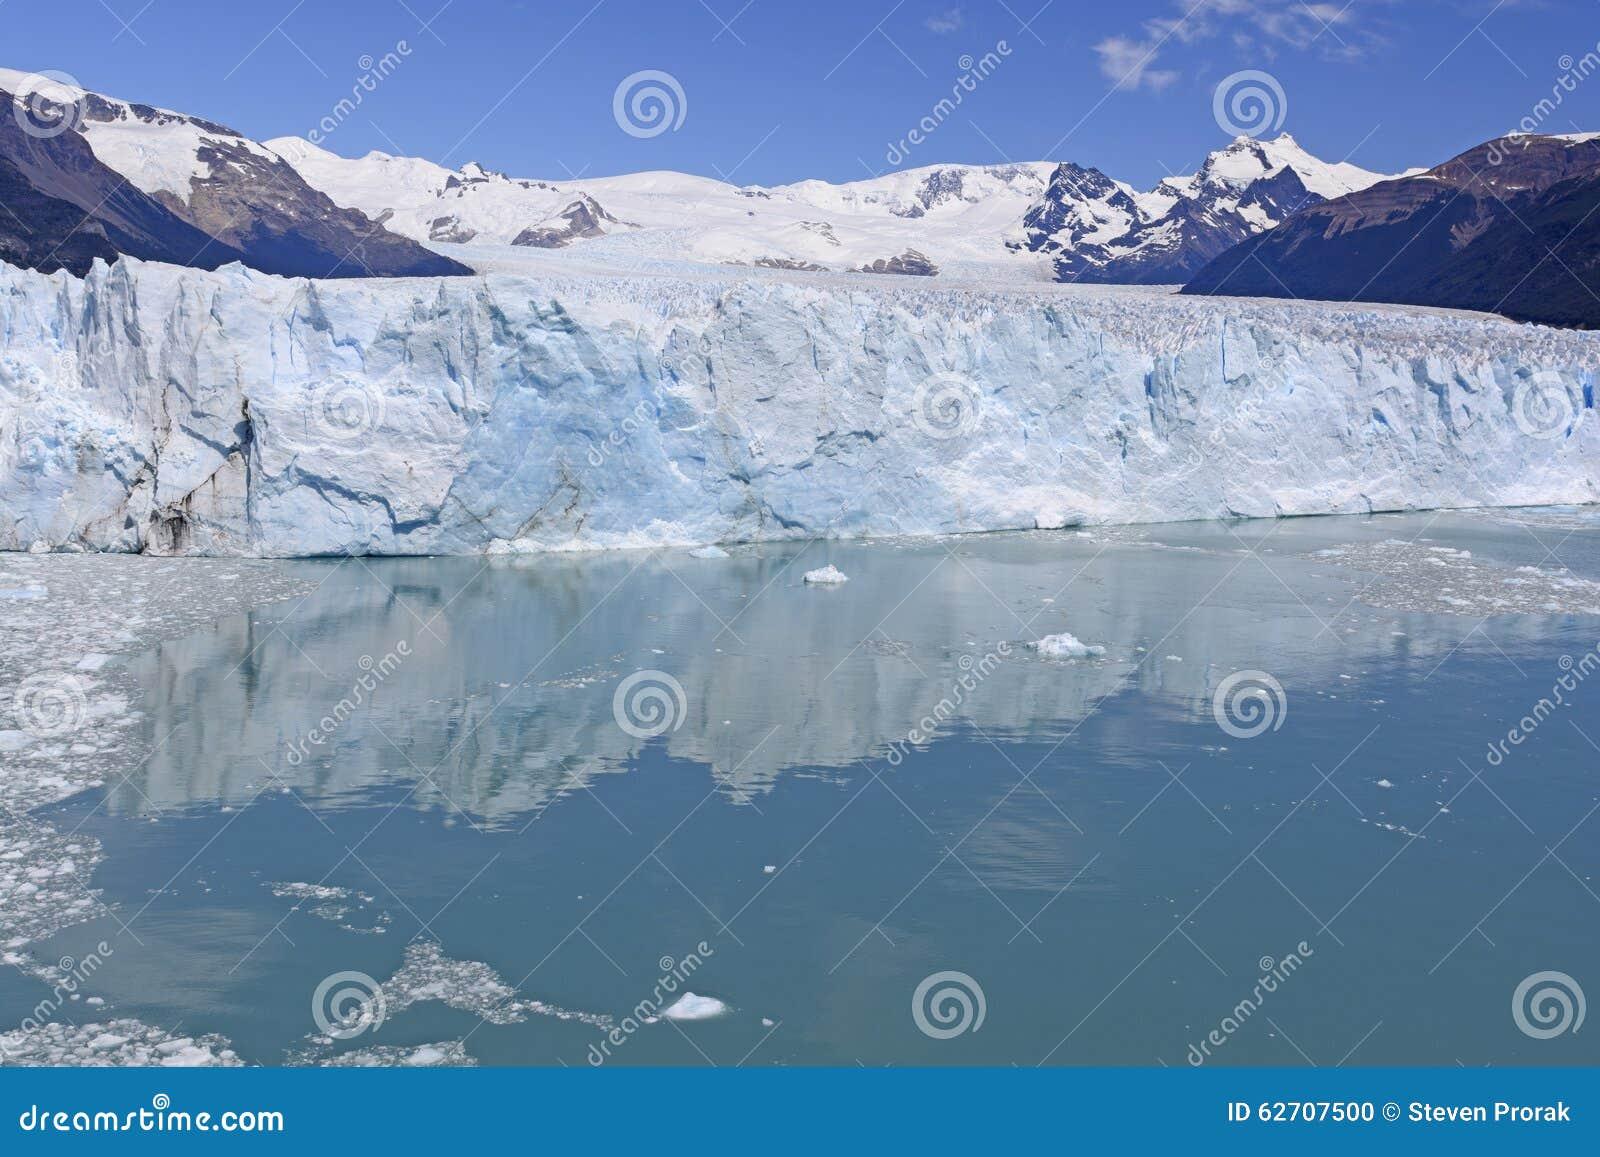 Ήρεμα νερά κάτω από ένα παγετώδες πρόσωπο